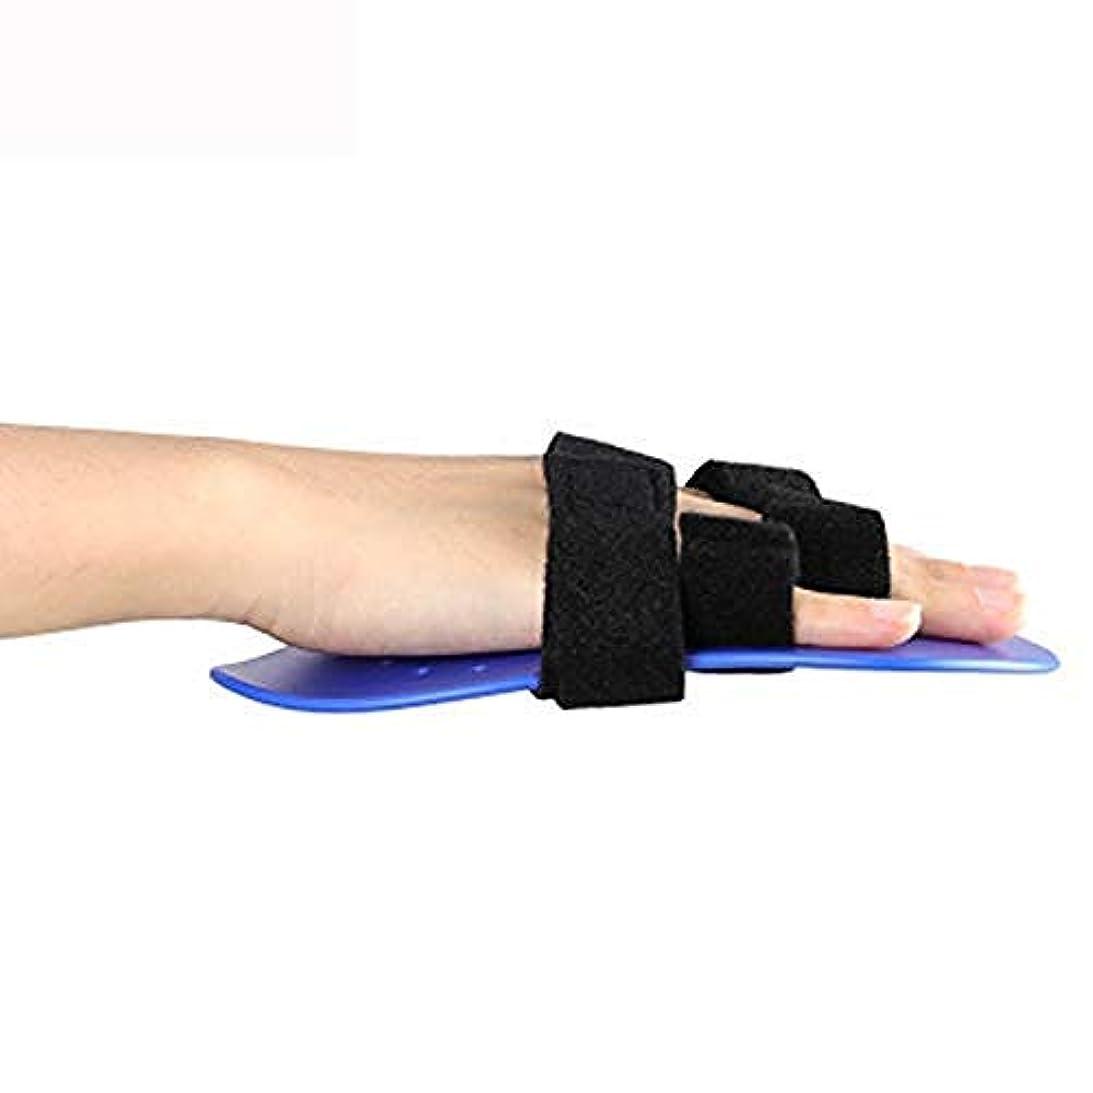 も持続する行進トリガー指副木、手首支持装置指セパレーター装具手根管関節痛緩和装具,Left Hand-S